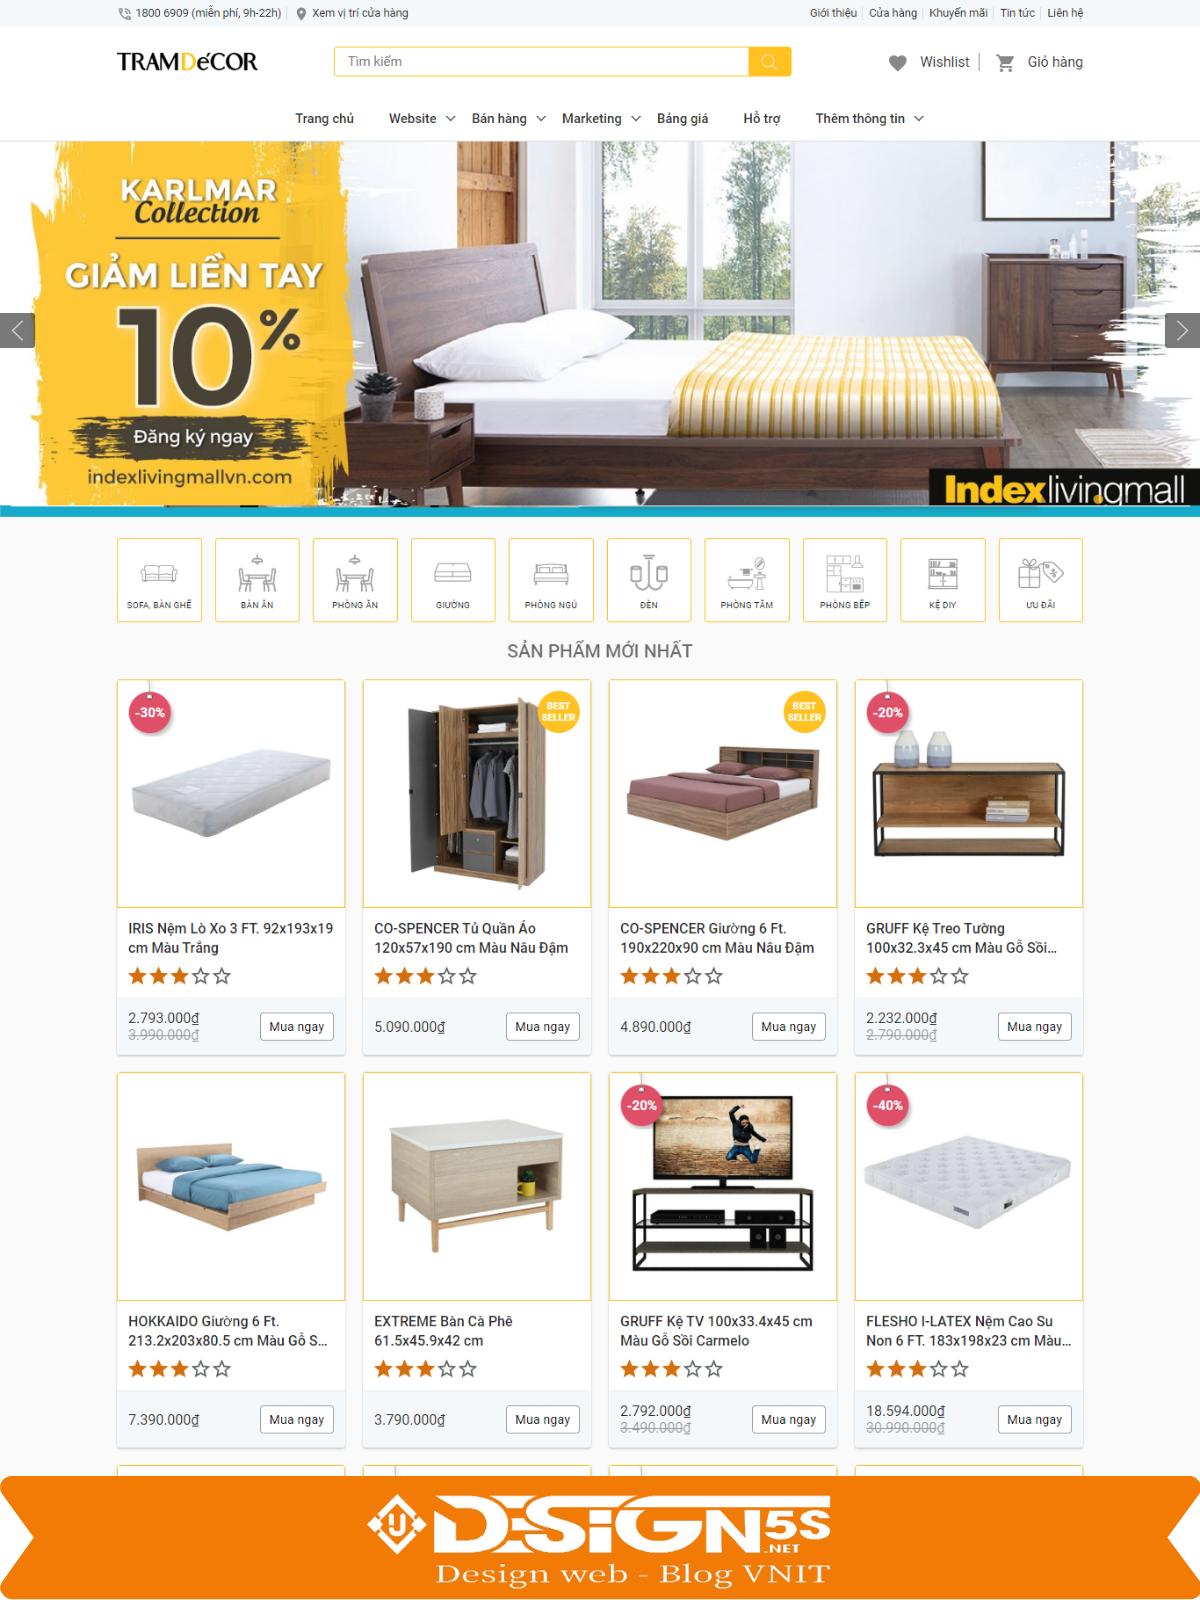 Mẫu Website bán hàng nội thất đẹp chuẩn seo - Ảnh 1